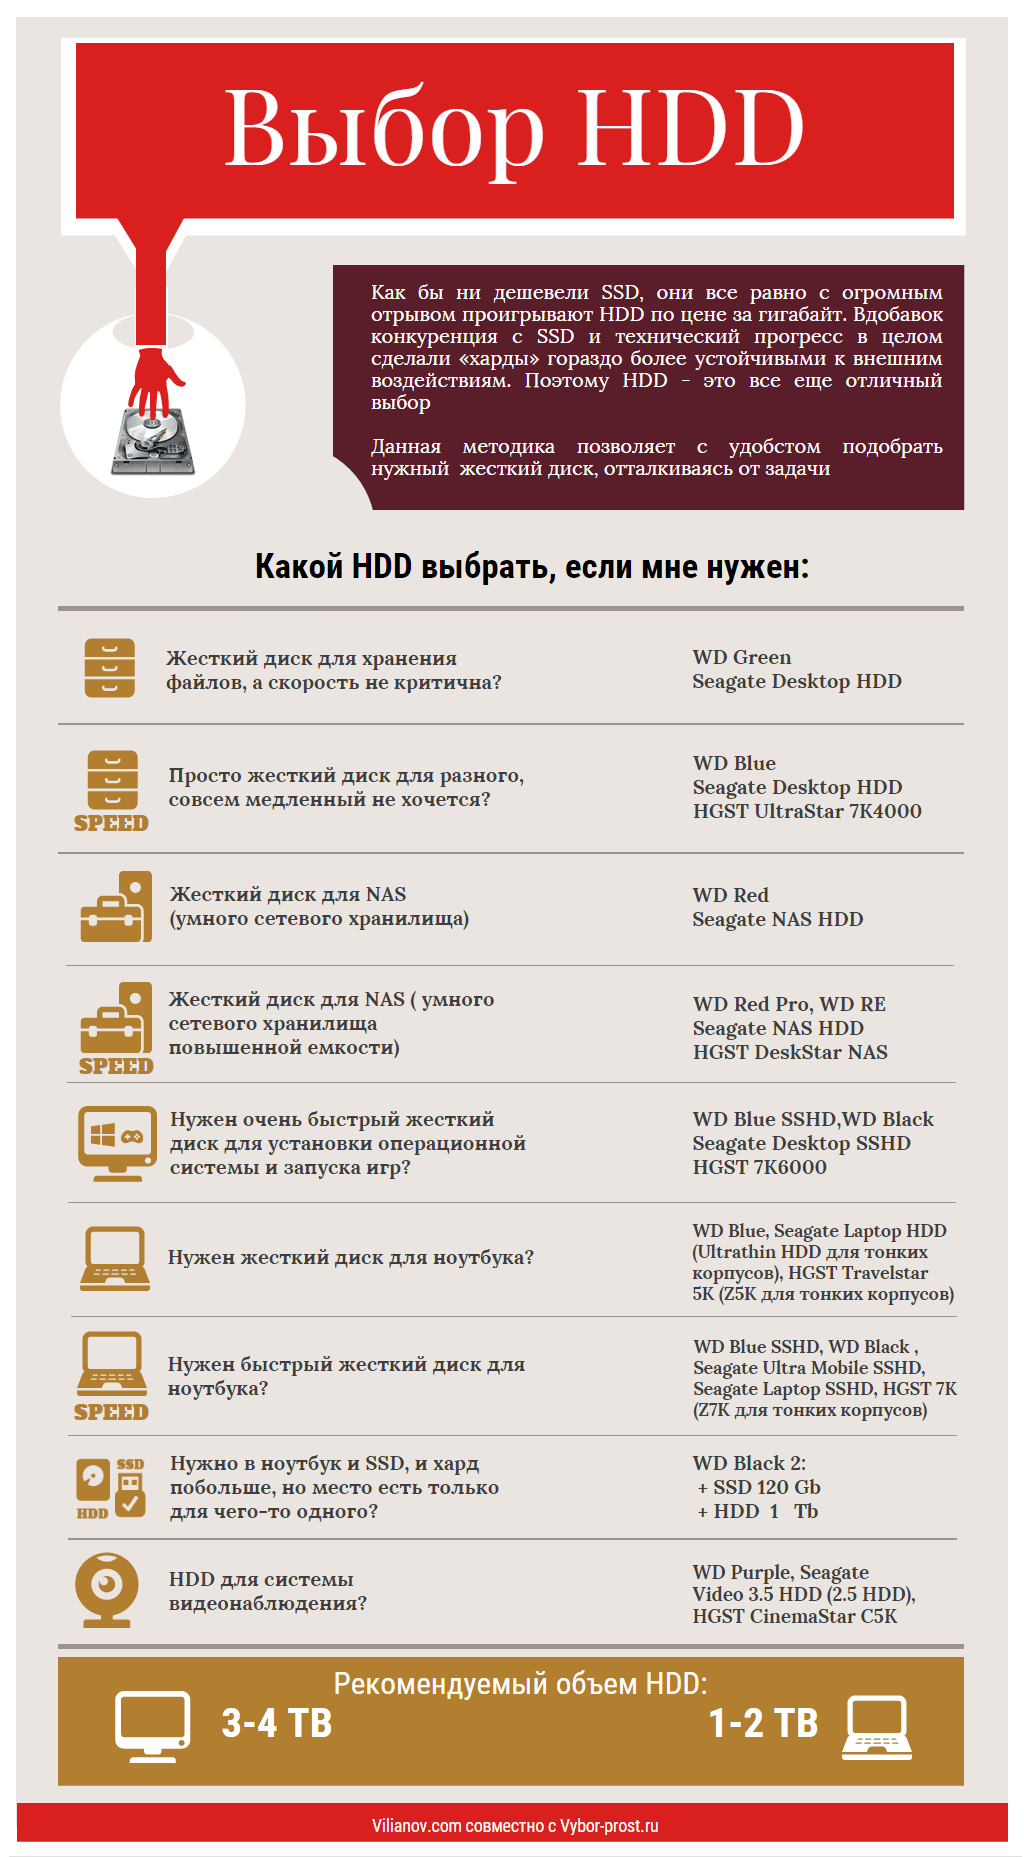 Инфографика: методика выбора HDD для компьютера и ноутбука - 2